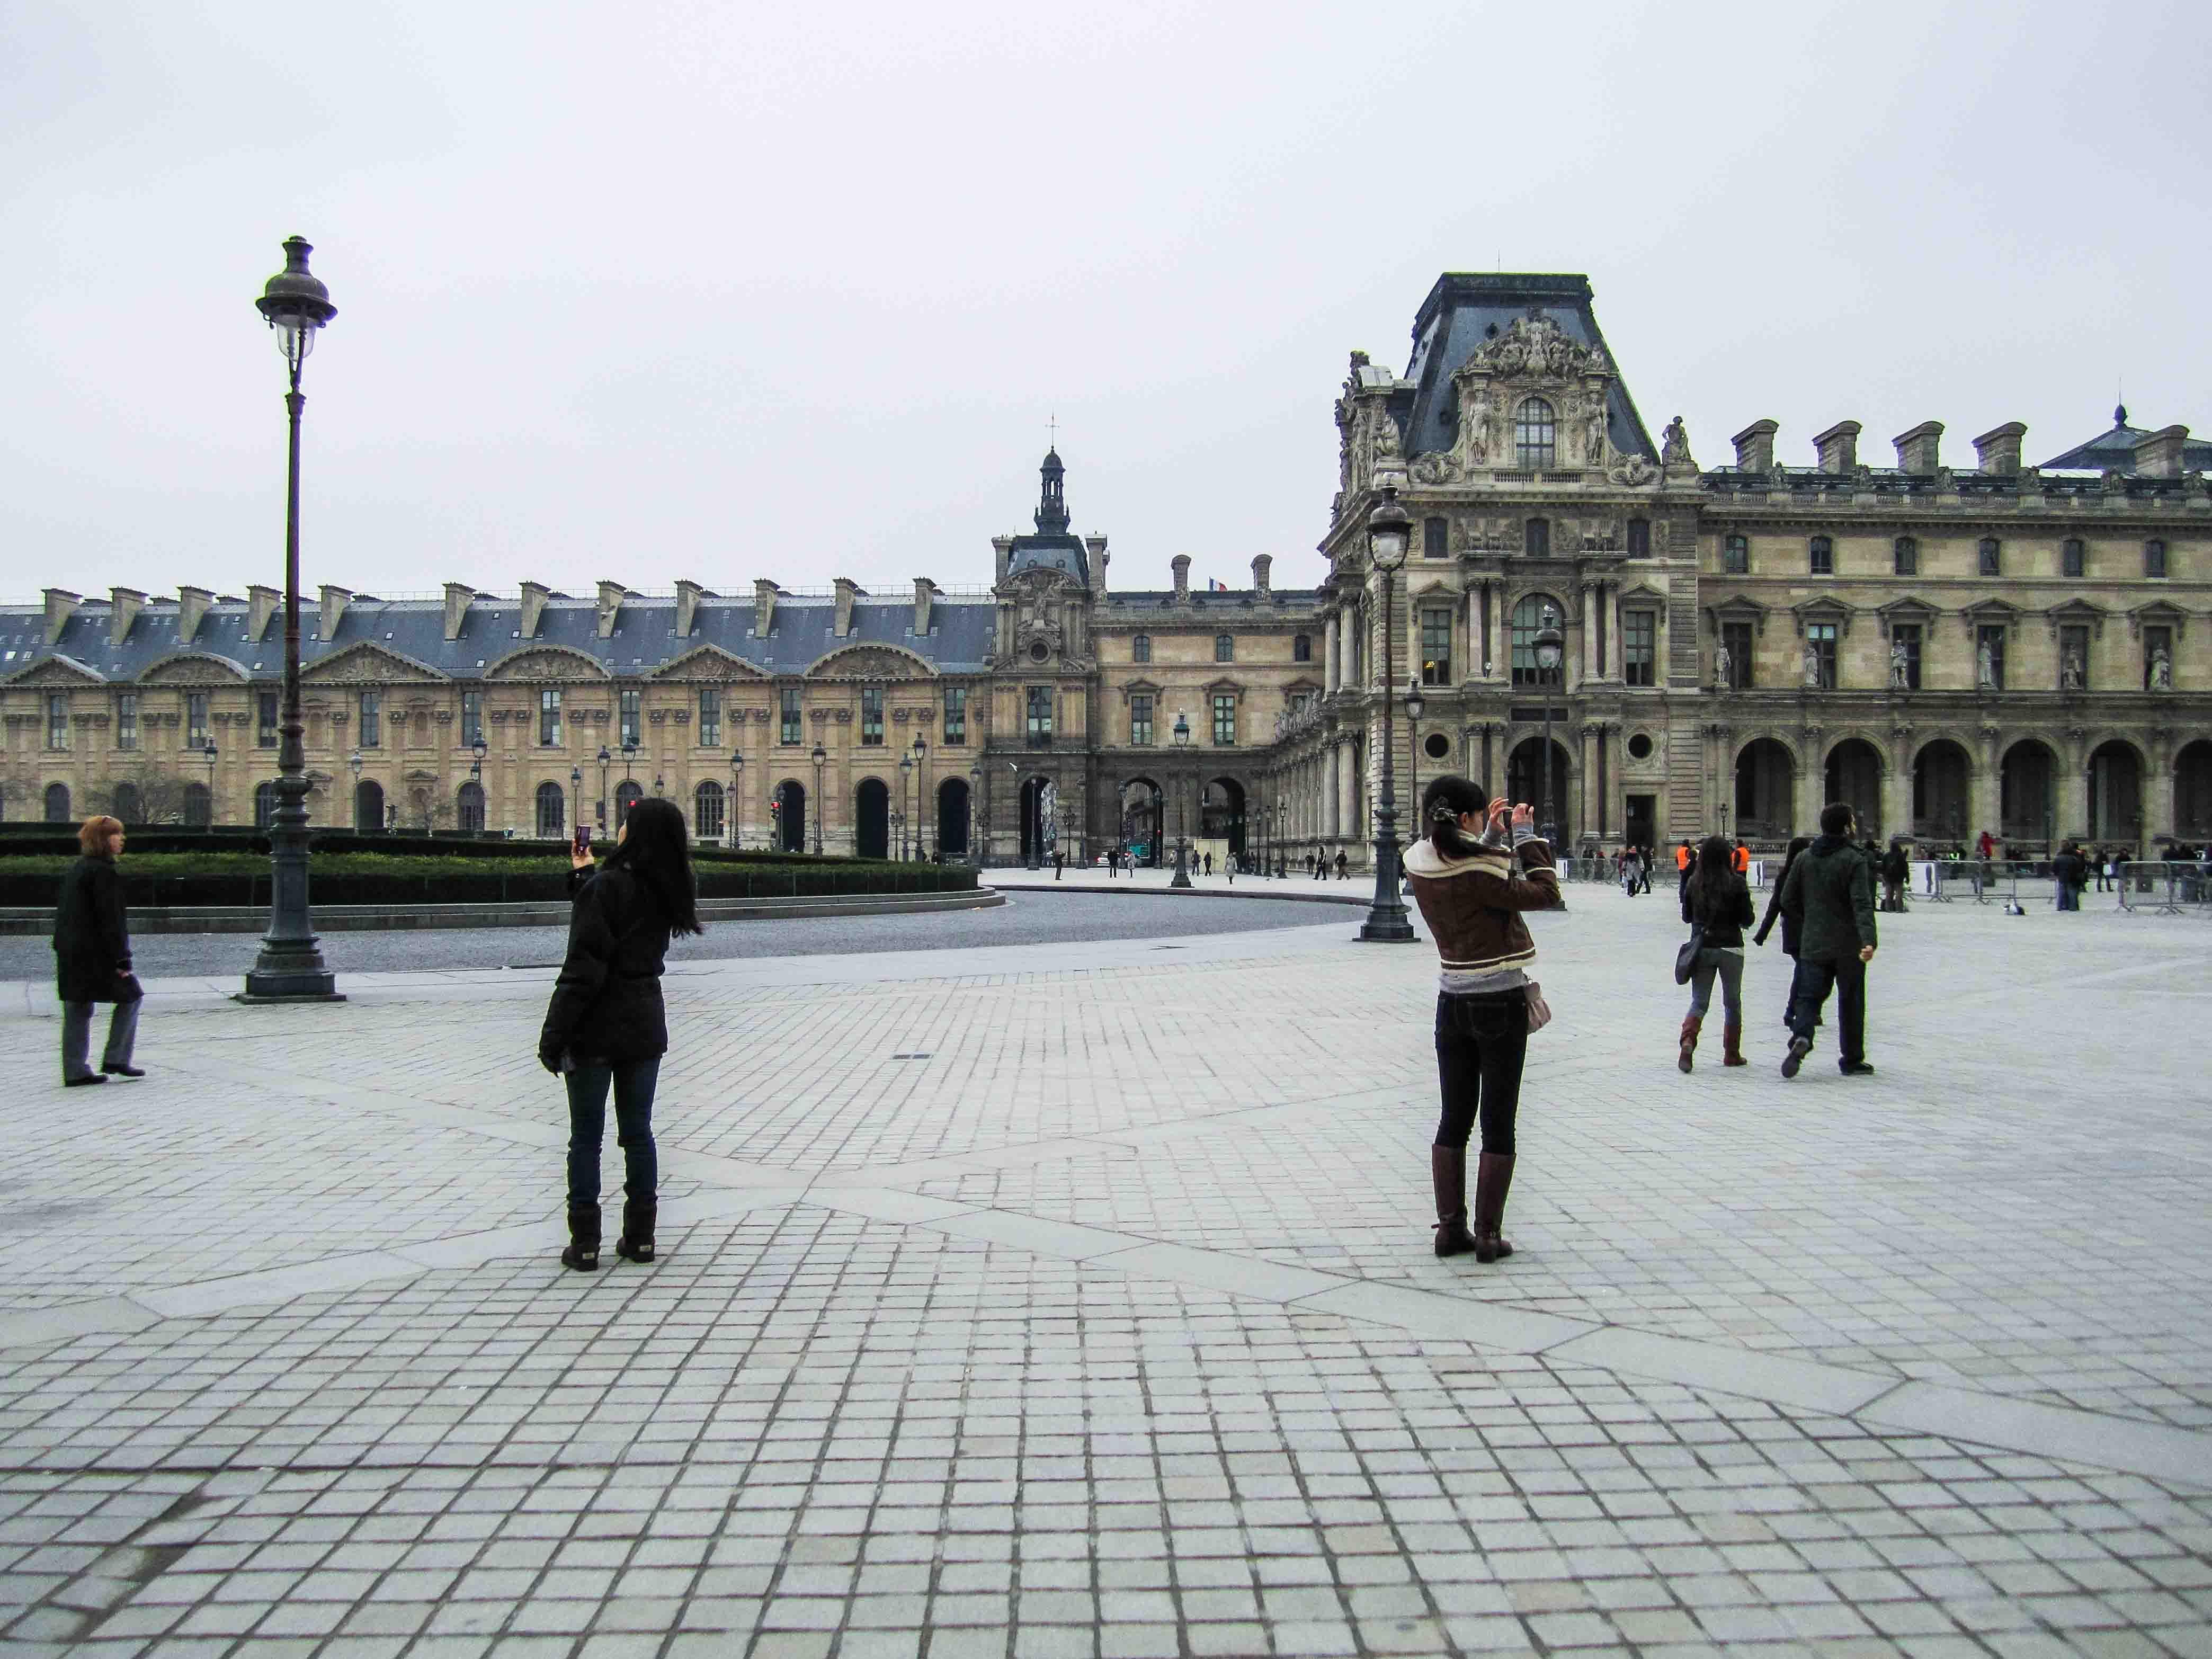 【フランス旅行】パリ ルーブル美術館前広場にて